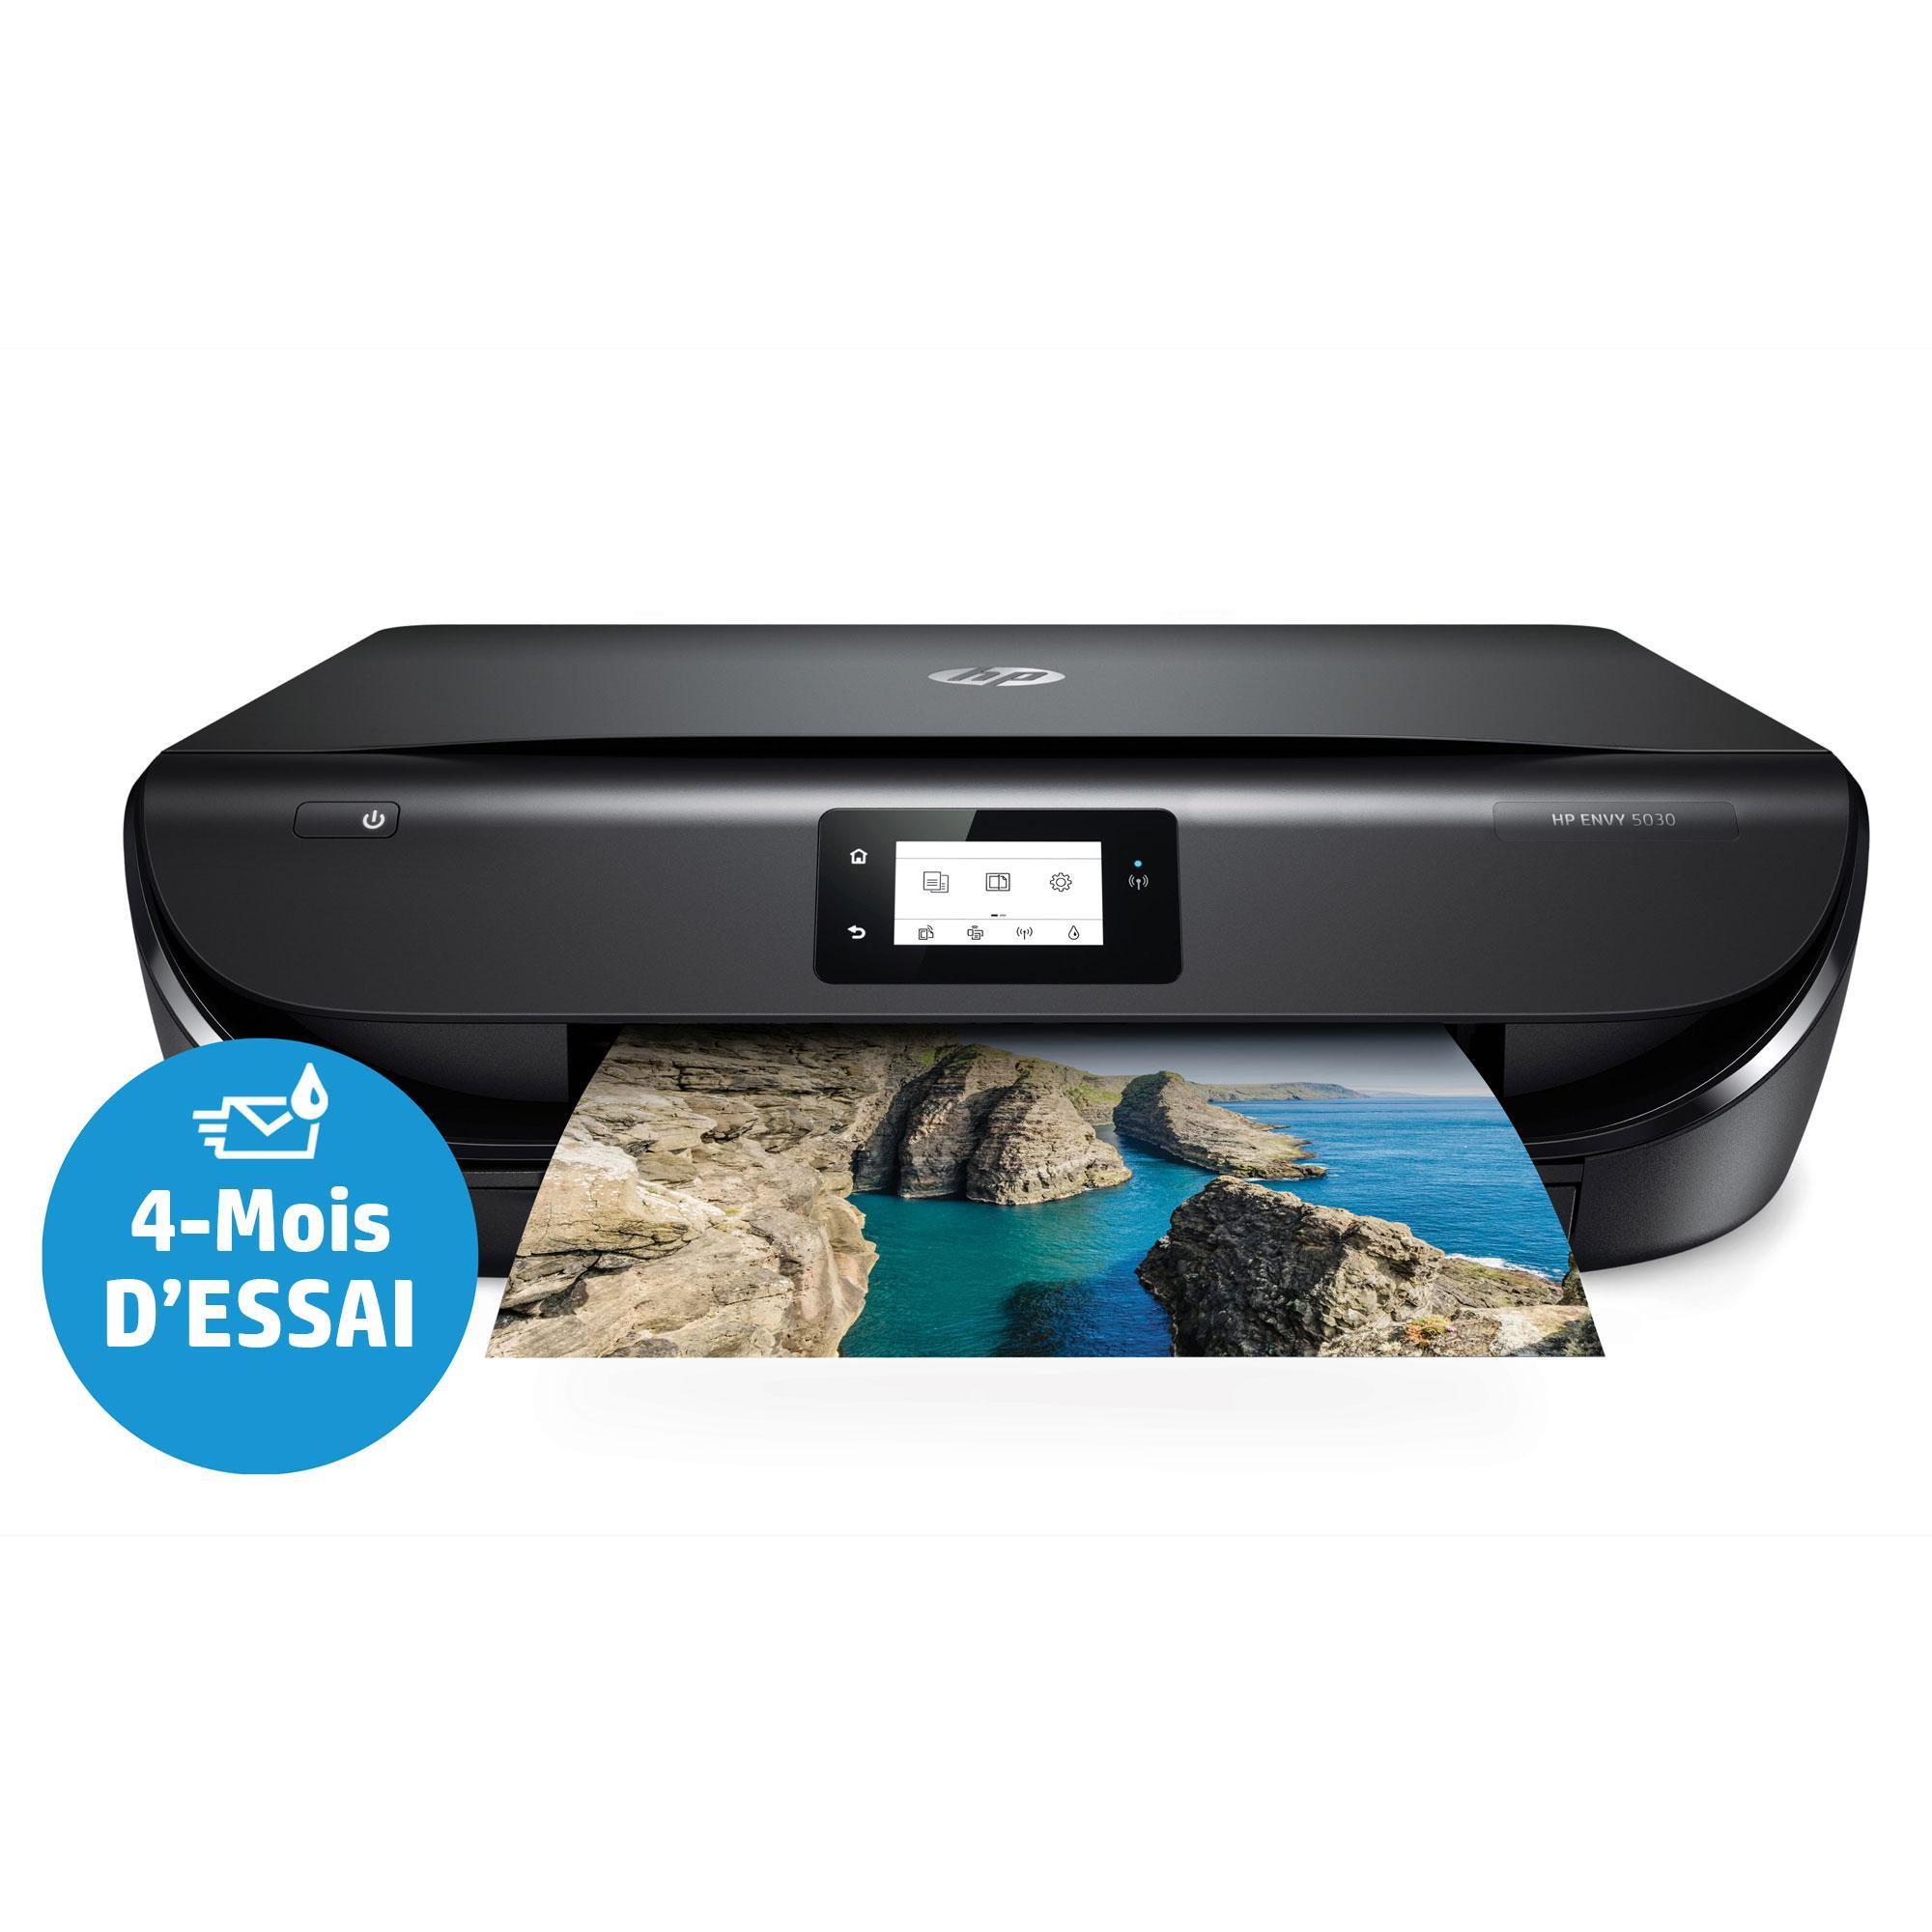 hp m2u92b bhc imprimante jet d 39 encre couleur 16 ppm usb 2 0 informatique. Black Bedroom Furniture Sets. Home Design Ideas